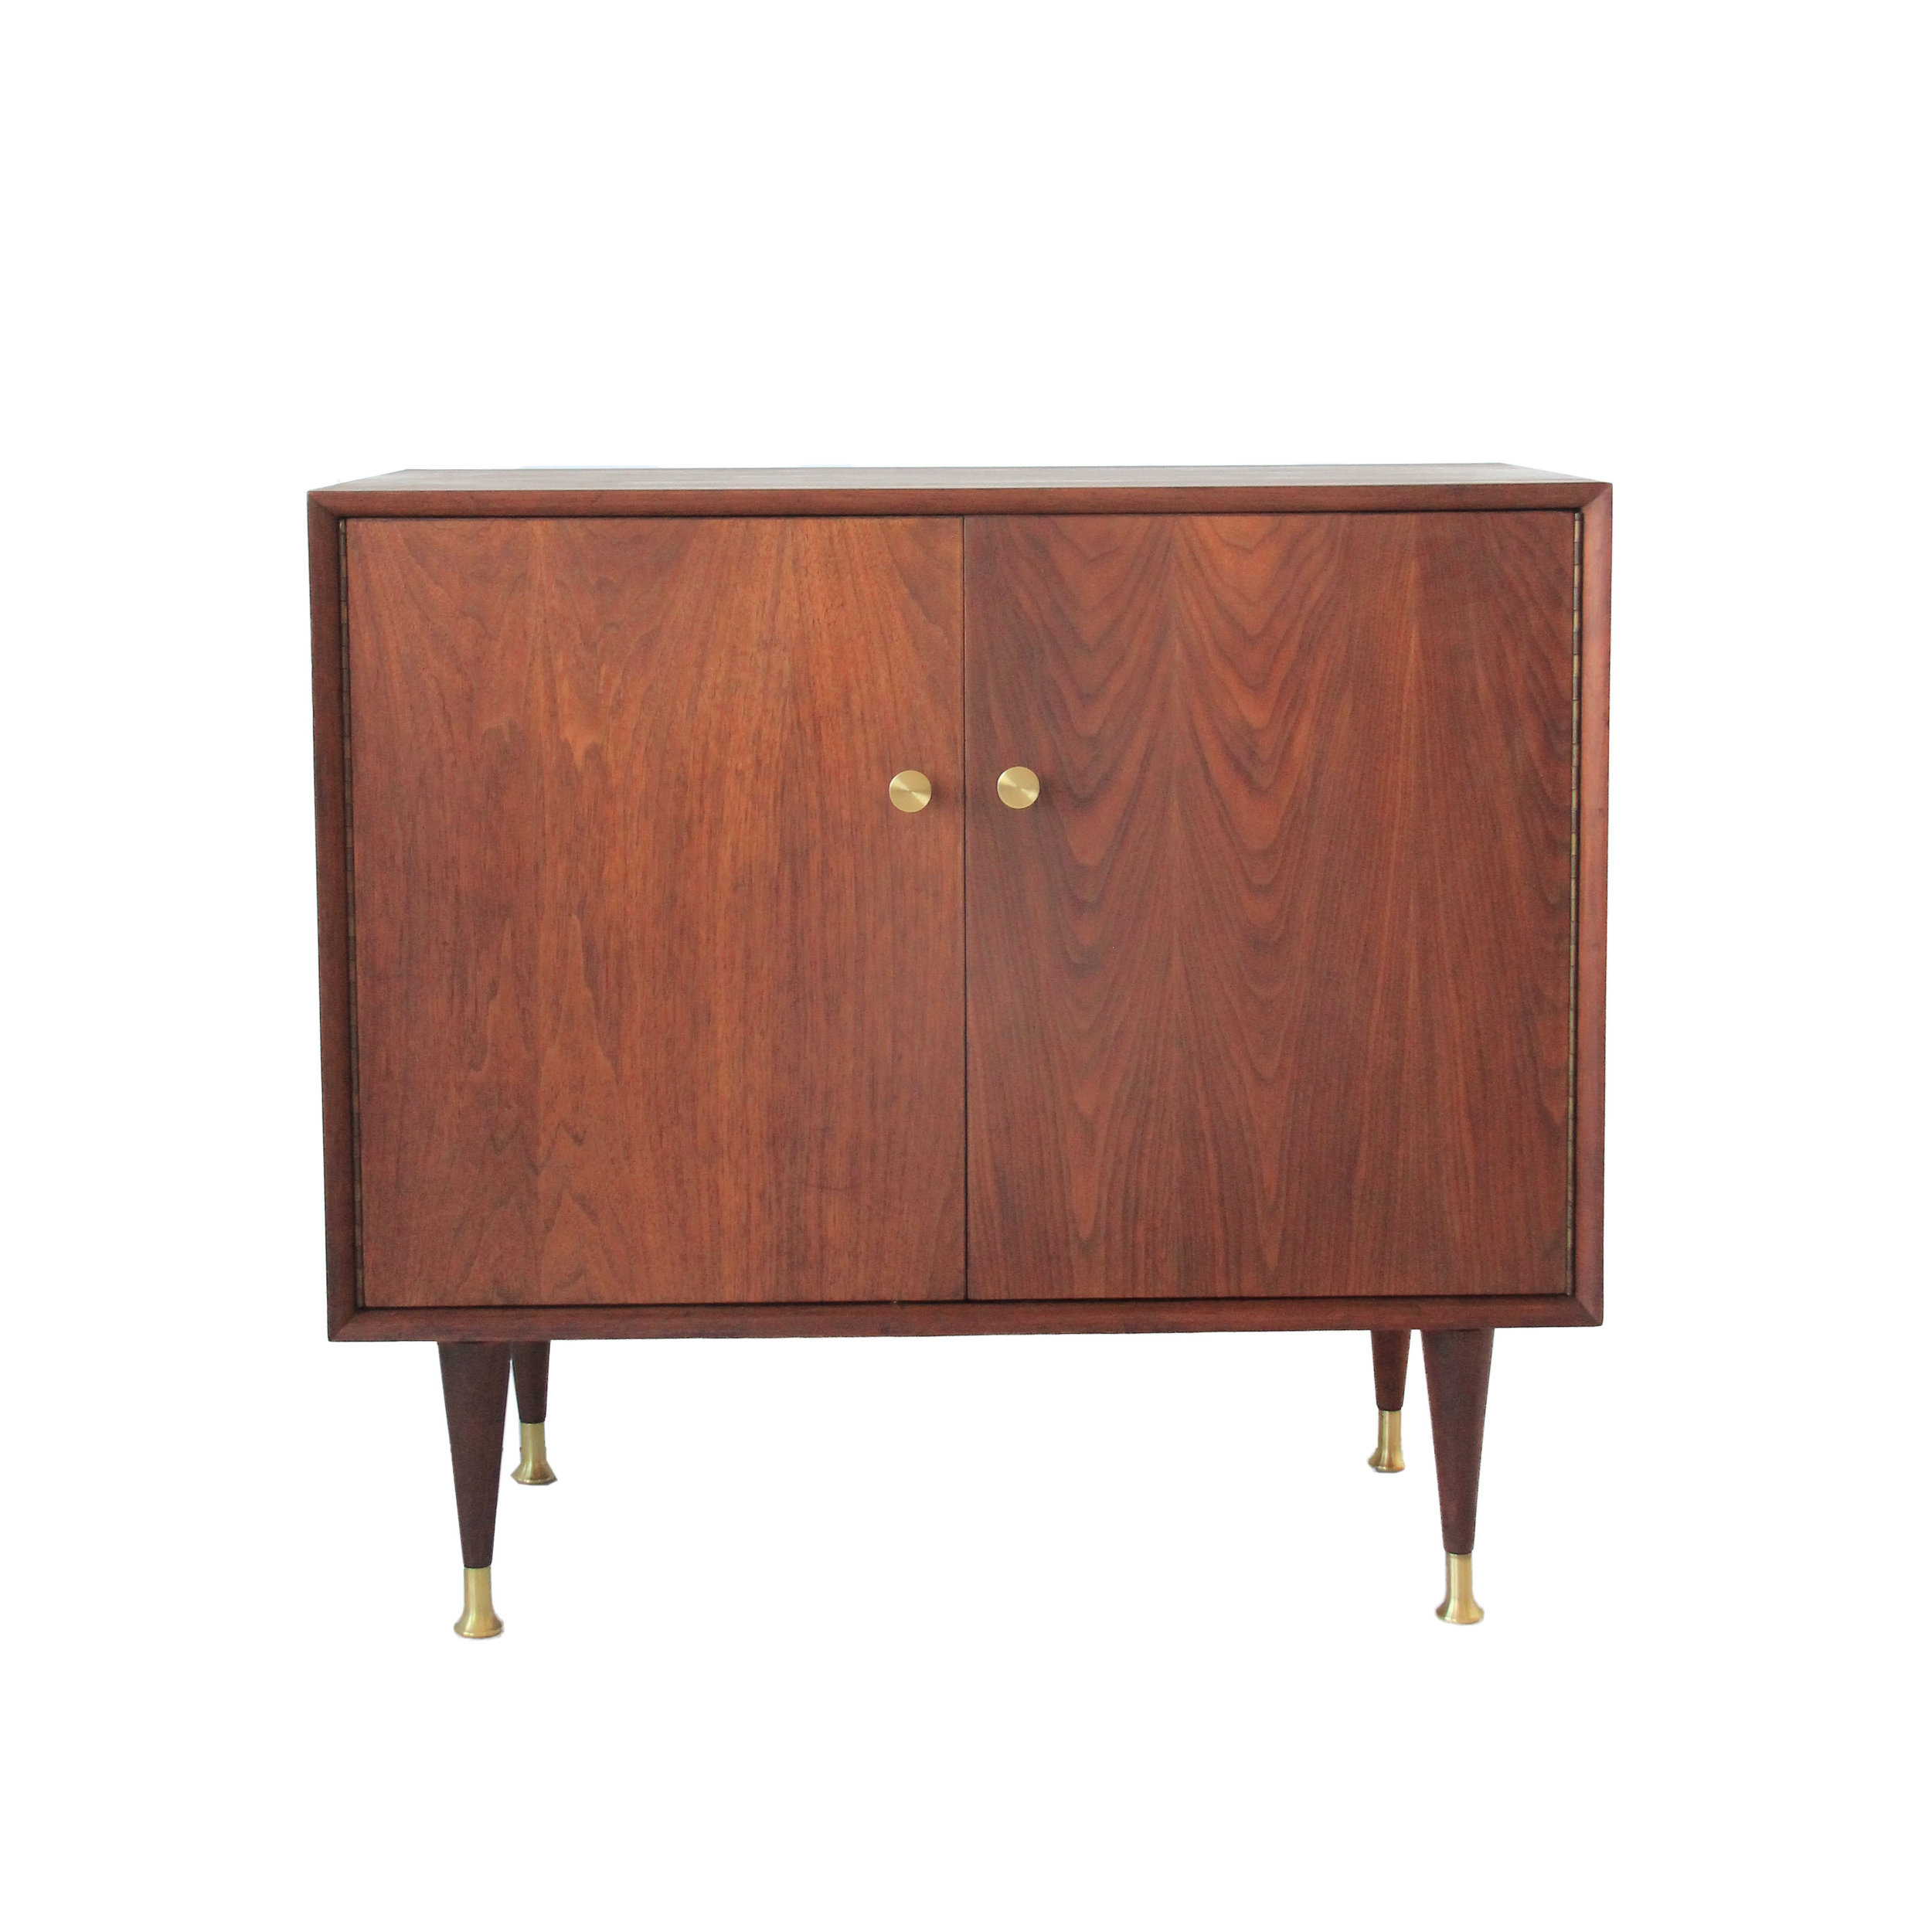 Vintage Mid Century Modern Walnut Cabinet with Brass Hardware